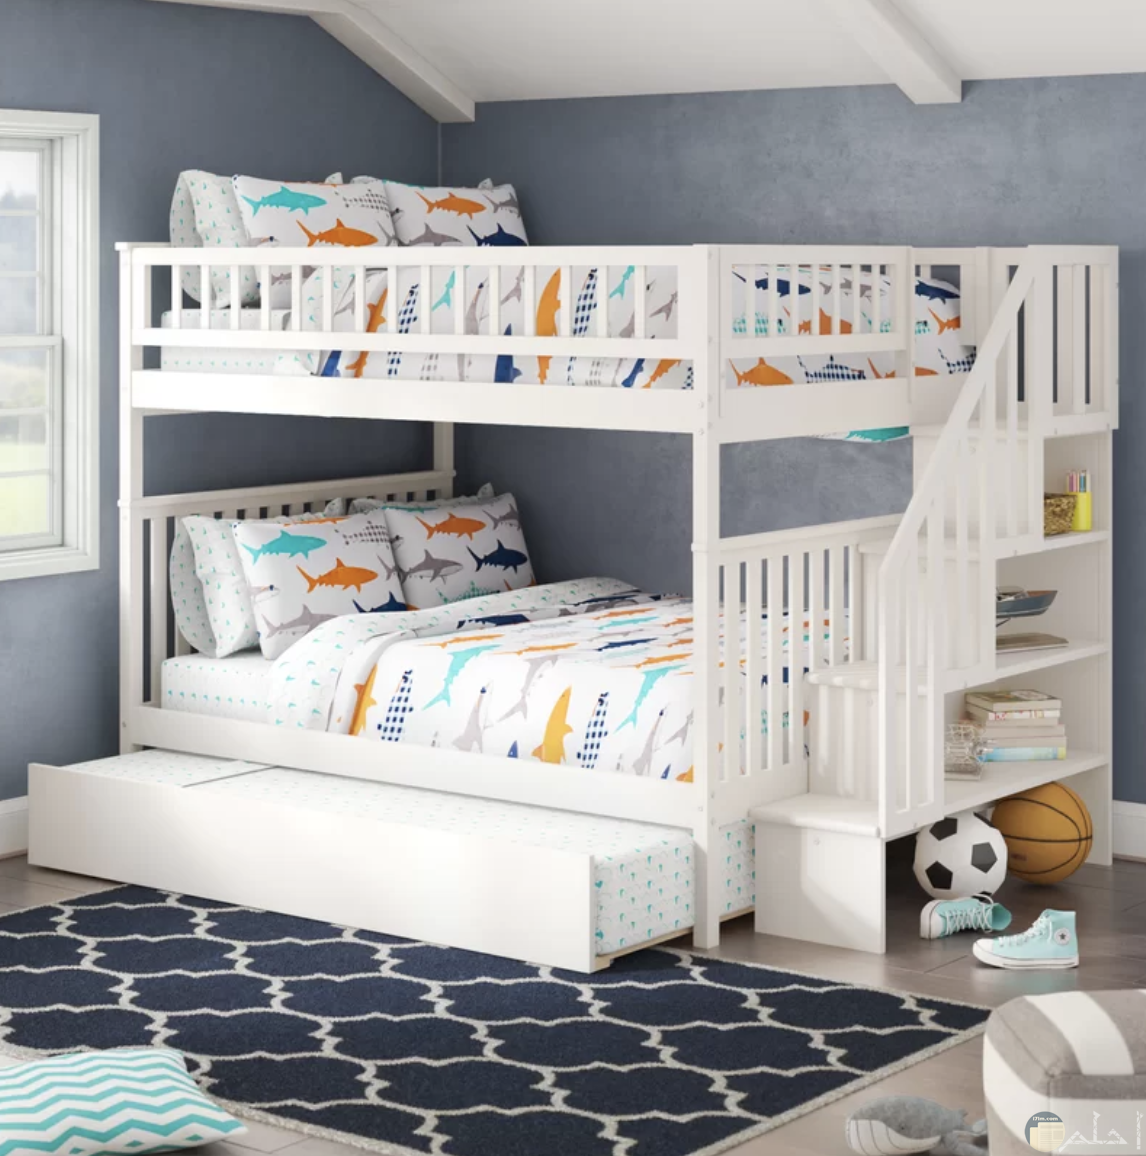 غرفة نوم جميلة للأطفال بسريرين ودرج صغير للصعود للسرير العلوي ولون حوائط جميل